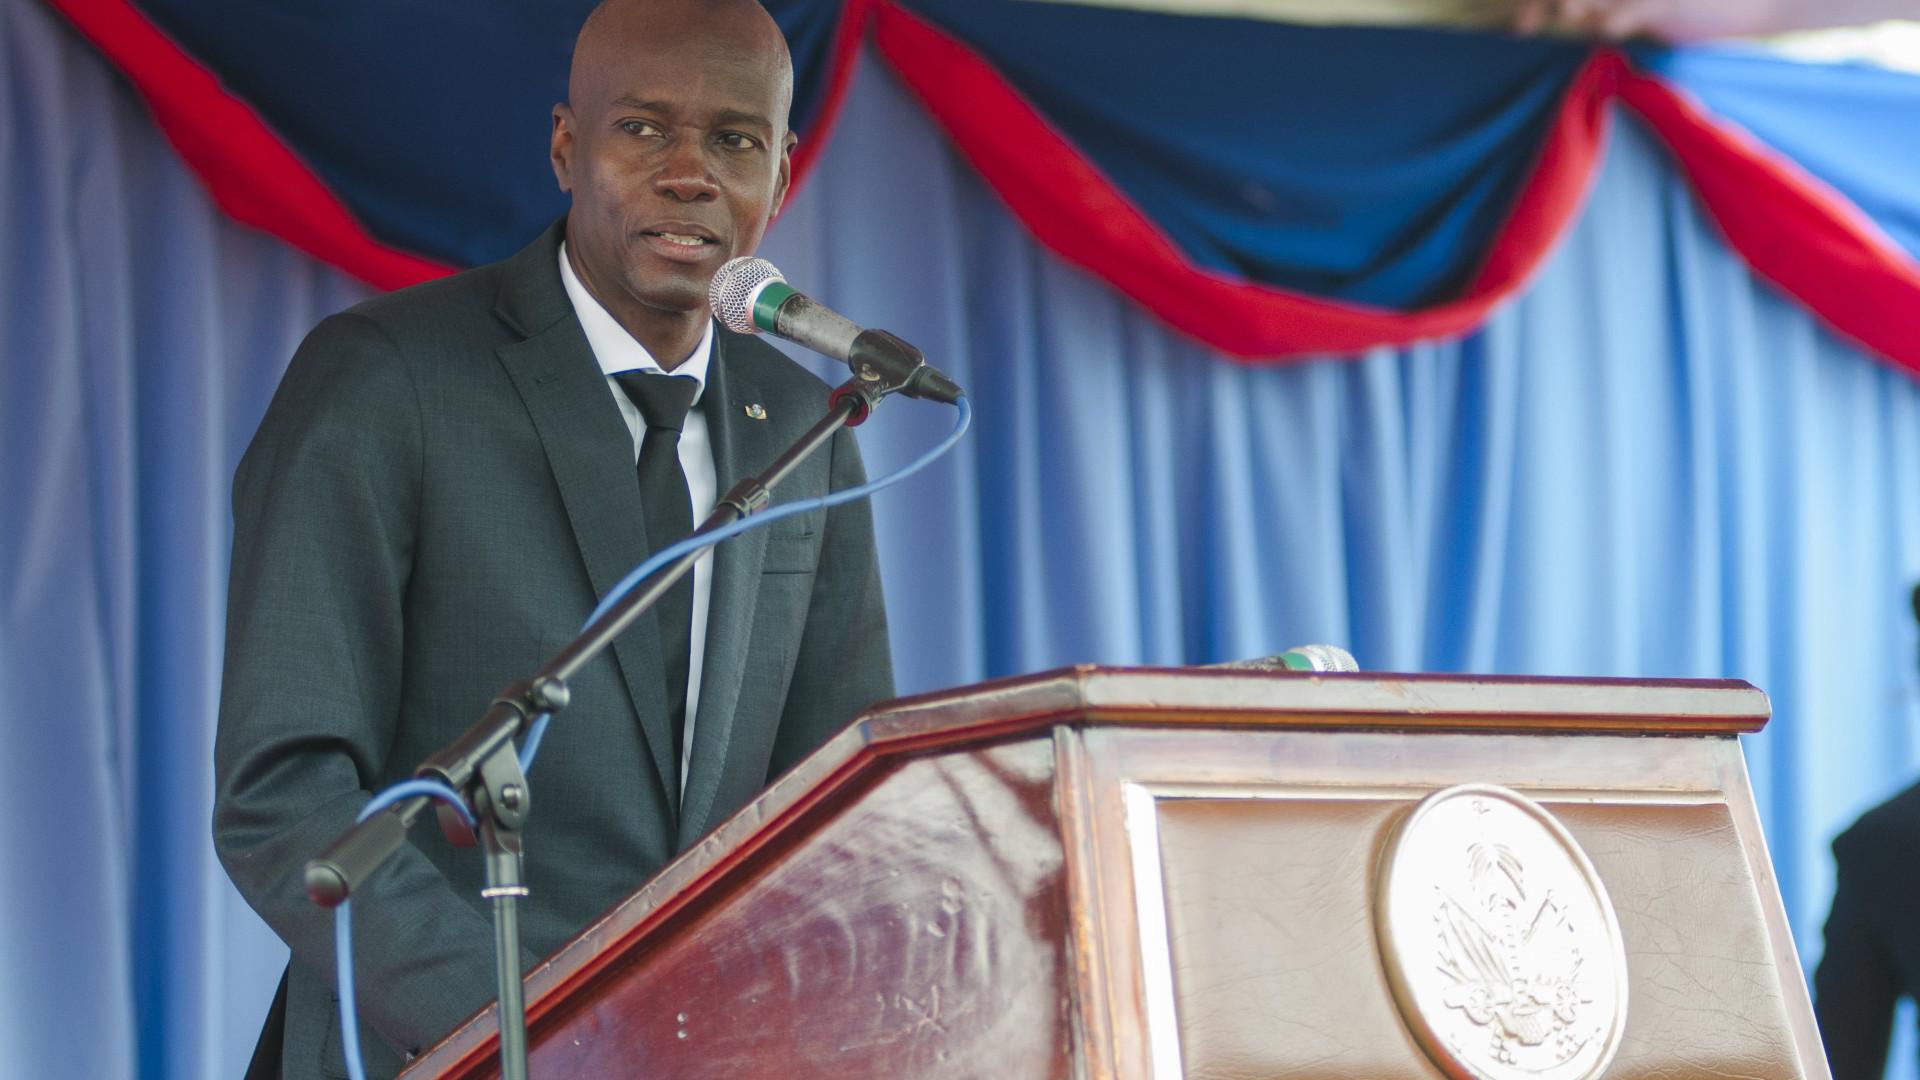 """Presidente denuncia """"violação extremamente grave para dignidade humana"""""""